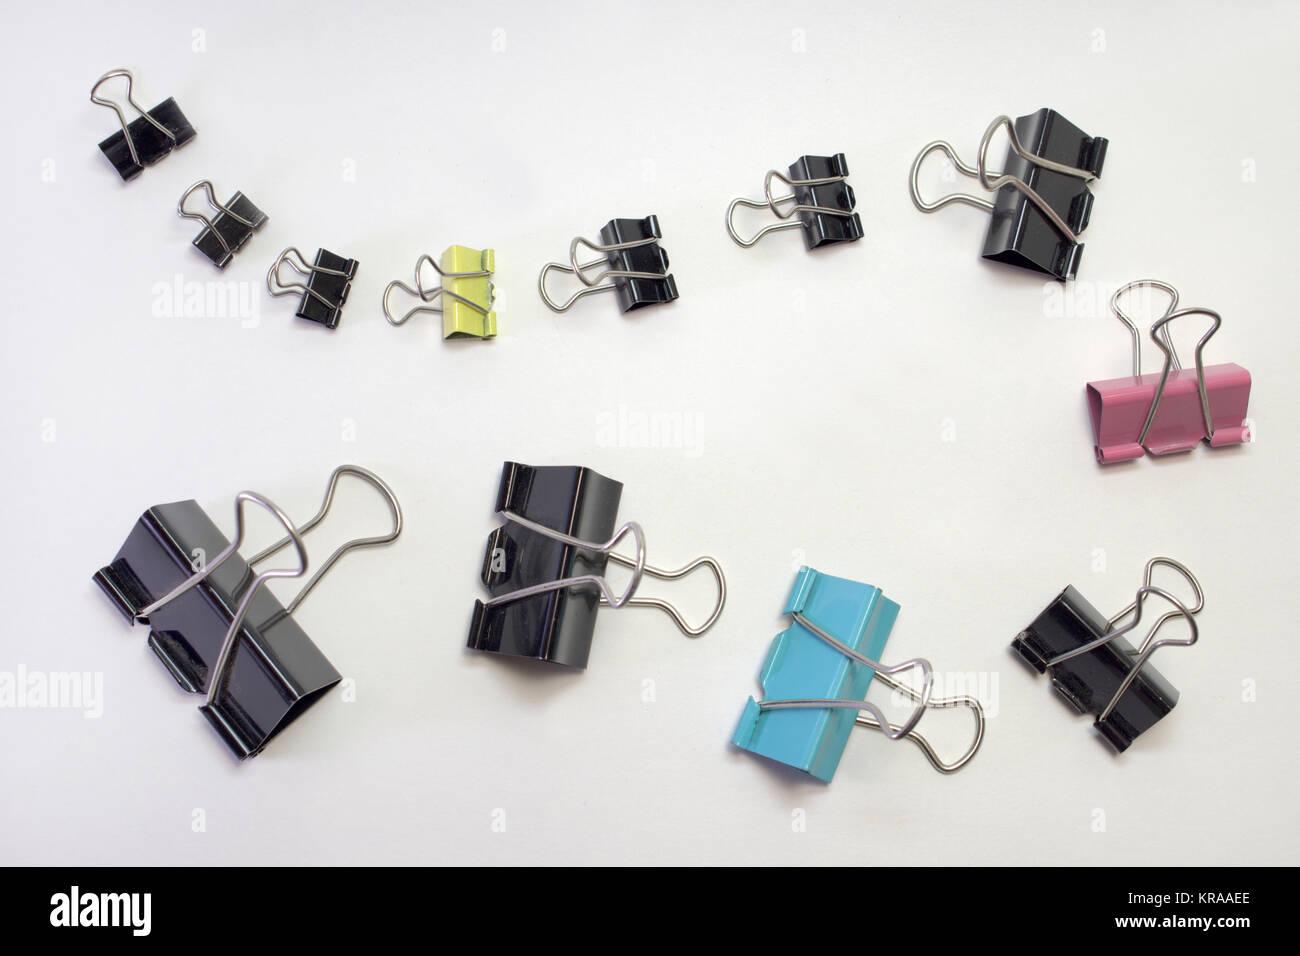 Haufen Metall binder clips für Papier, verschiedene Größen und Farben. In der Zeile festgelegt Stockfoto